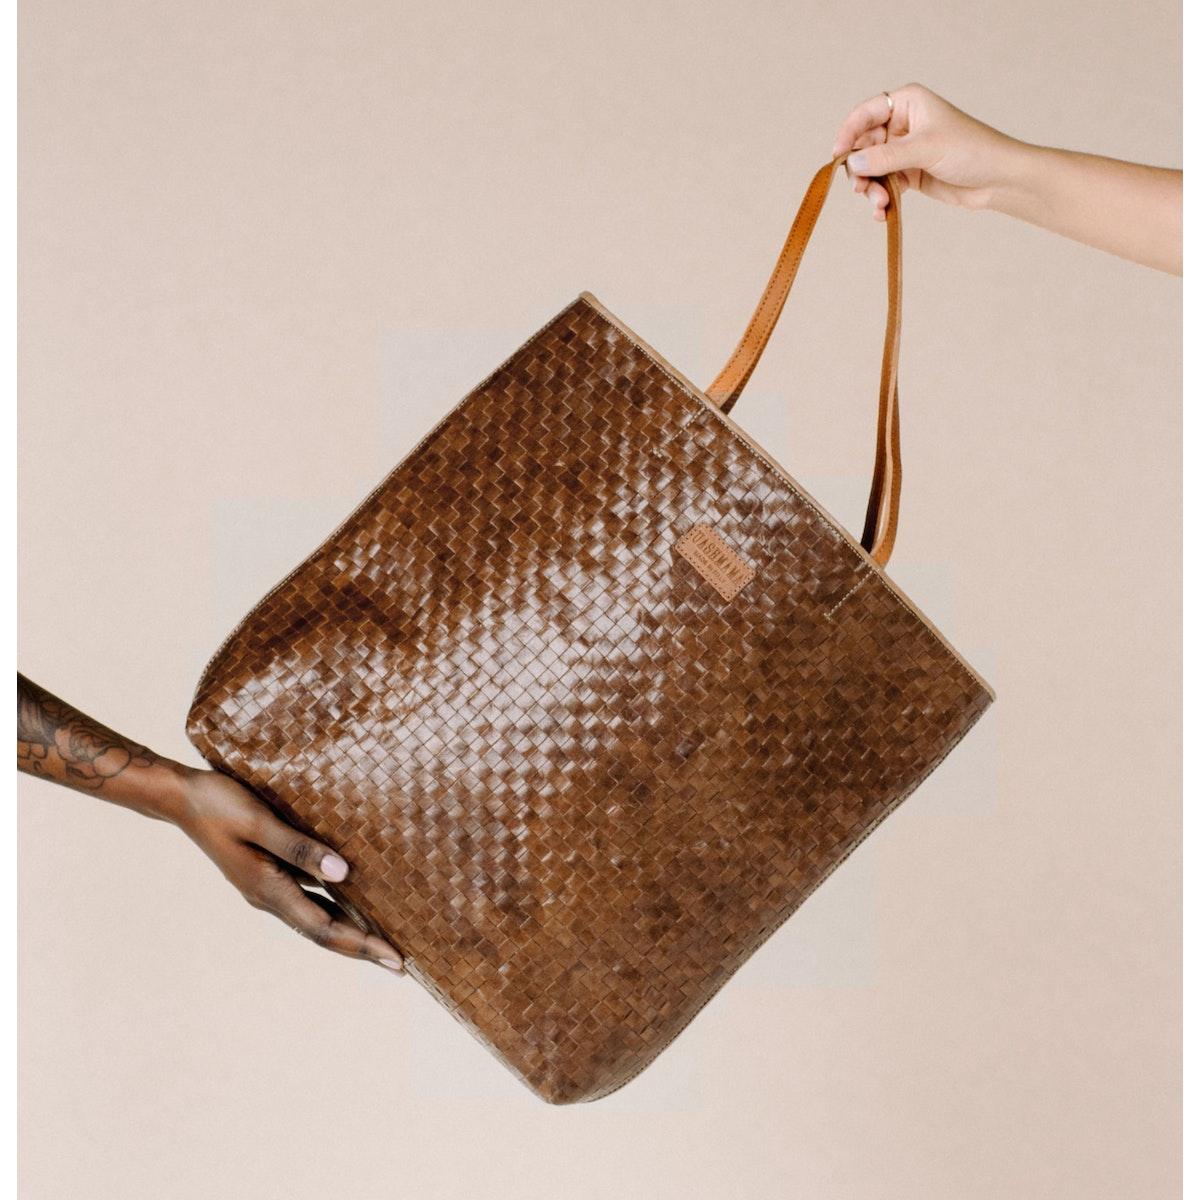 Tosca Bag Woven